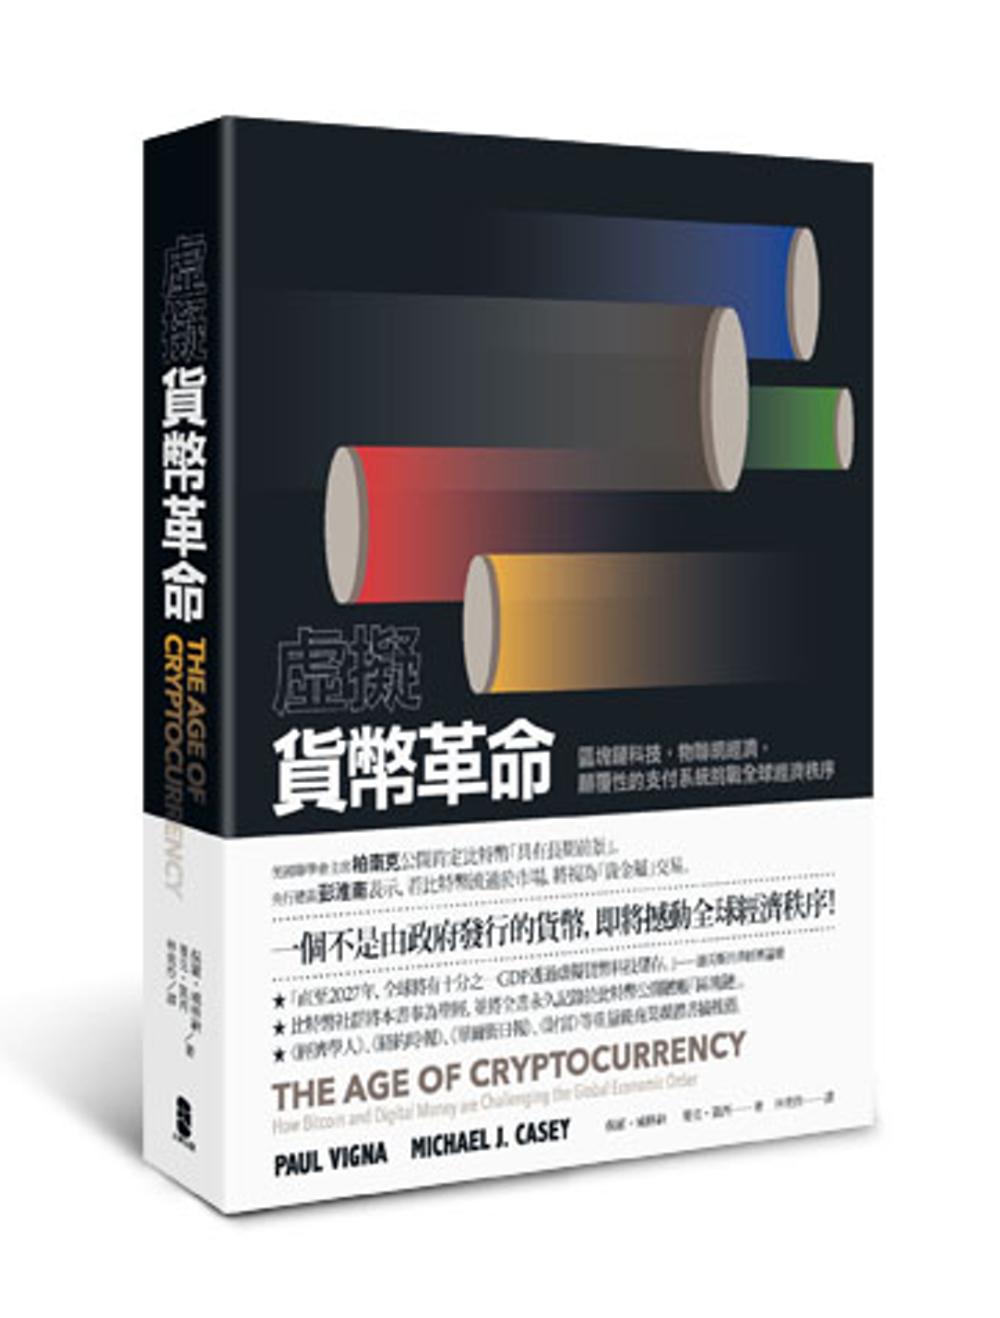 虛擬貨幣革命:區塊鏈科技,物聯網經濟,顛覆性的支付系統挑戰全球經濟秩序